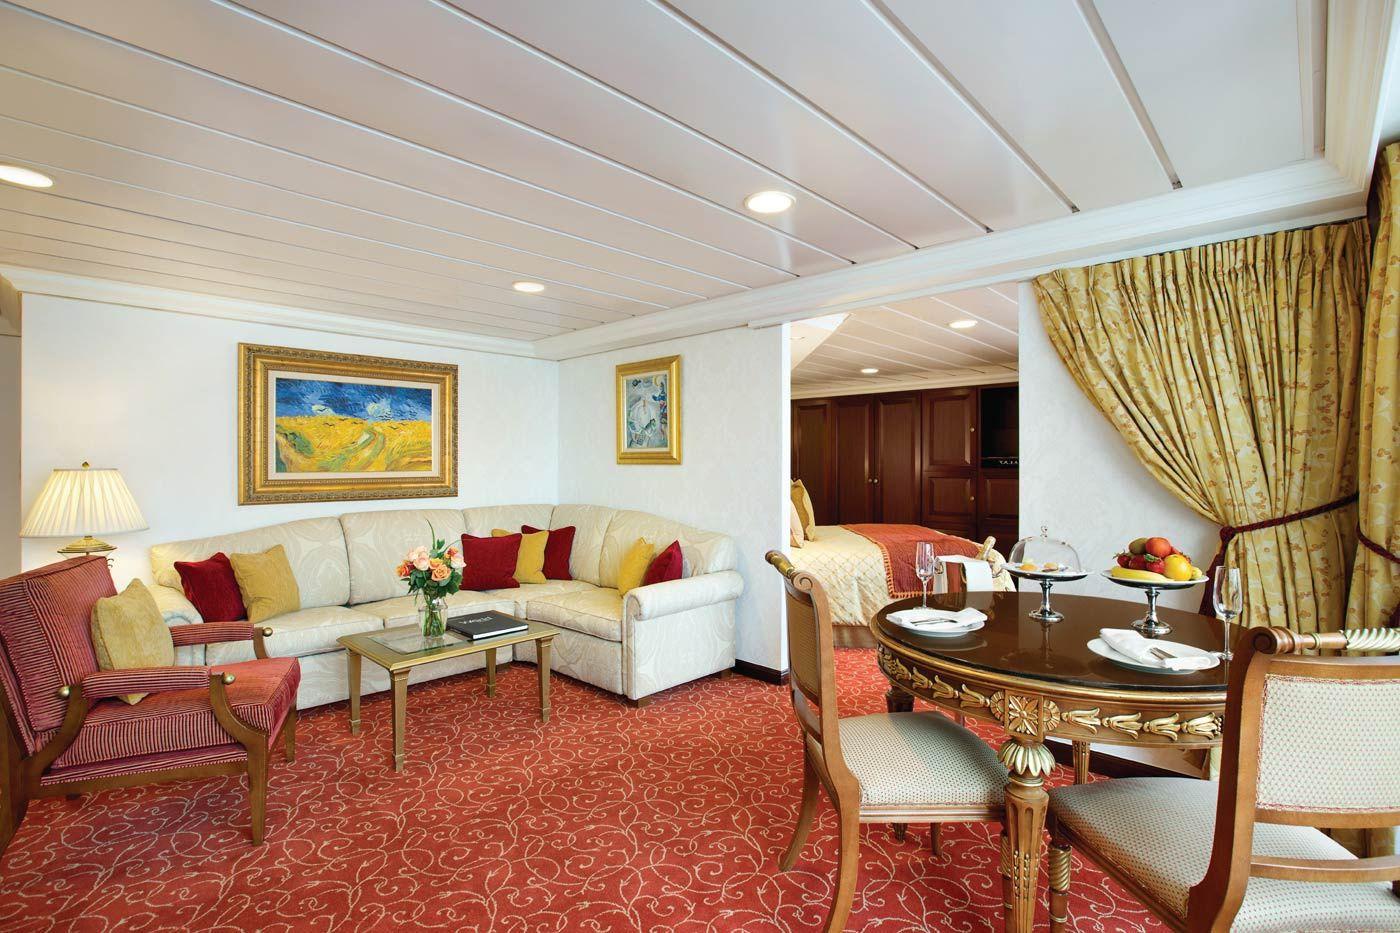 Oceania Insignia, de Oceania Cruises - Lujo en alta mar: los mejores cruceros del mundo